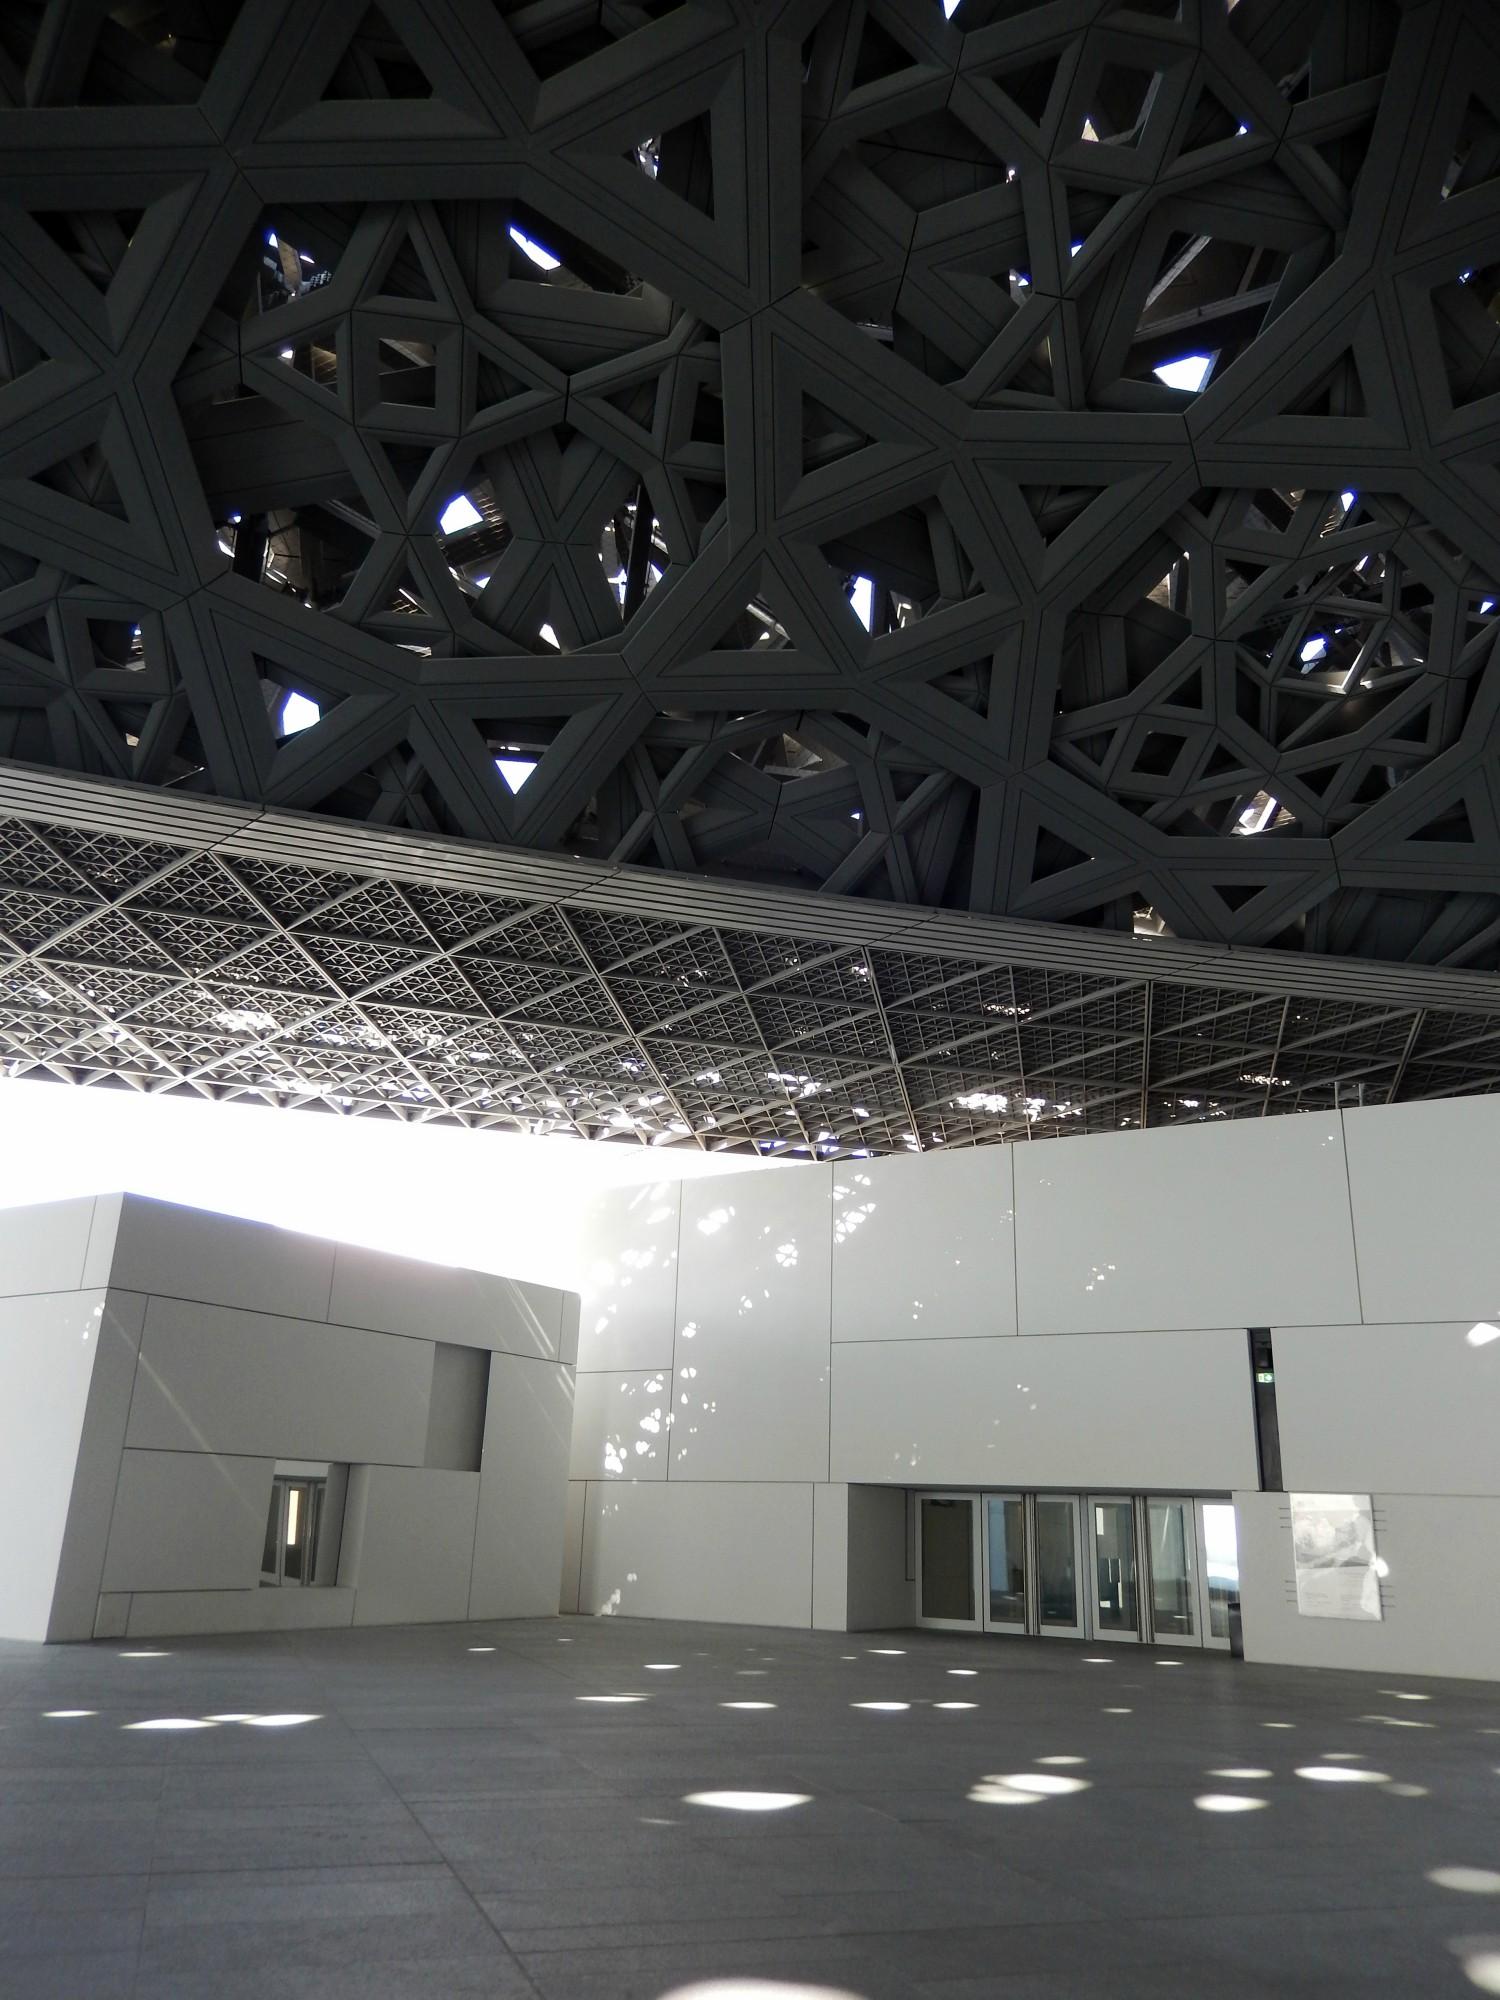 Múzeum Louvre v Abu Dhabi a veľkolepý dôkaz tvorivosti ľudskej mysle